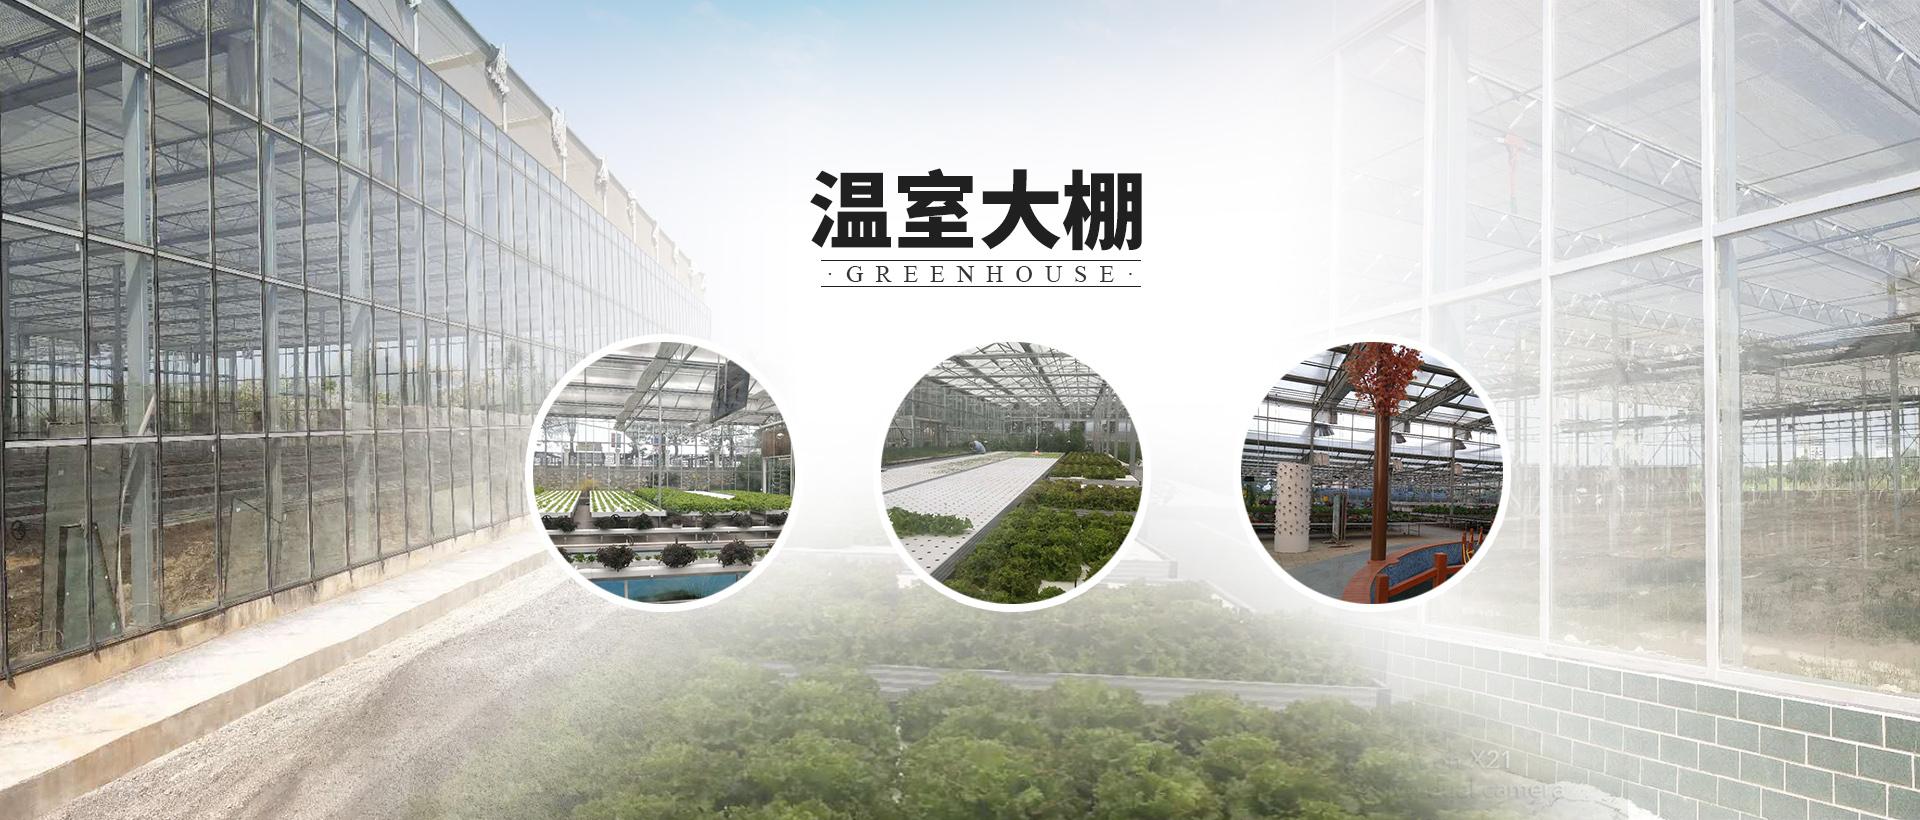 武汉叶动力生物科技股份有限公司